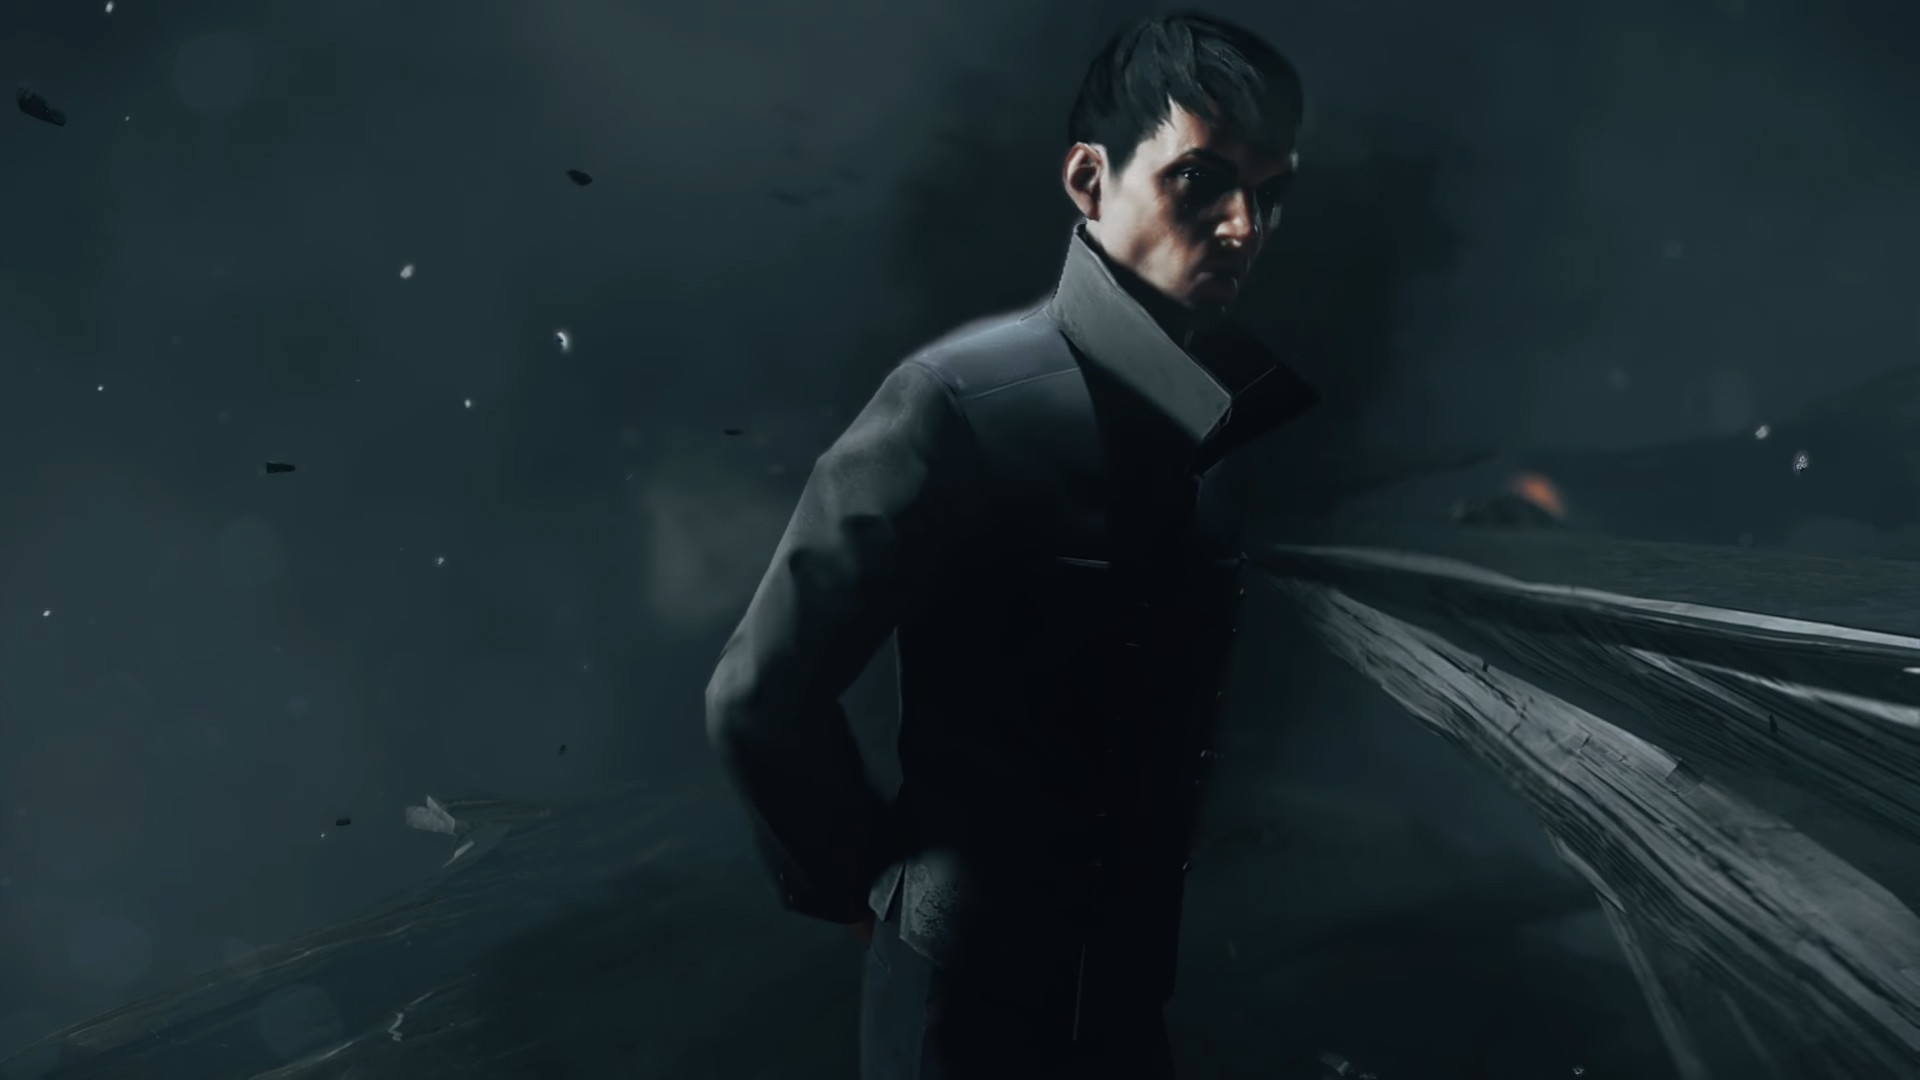 Dishonored 2 Wallpaper (89+ immagini)